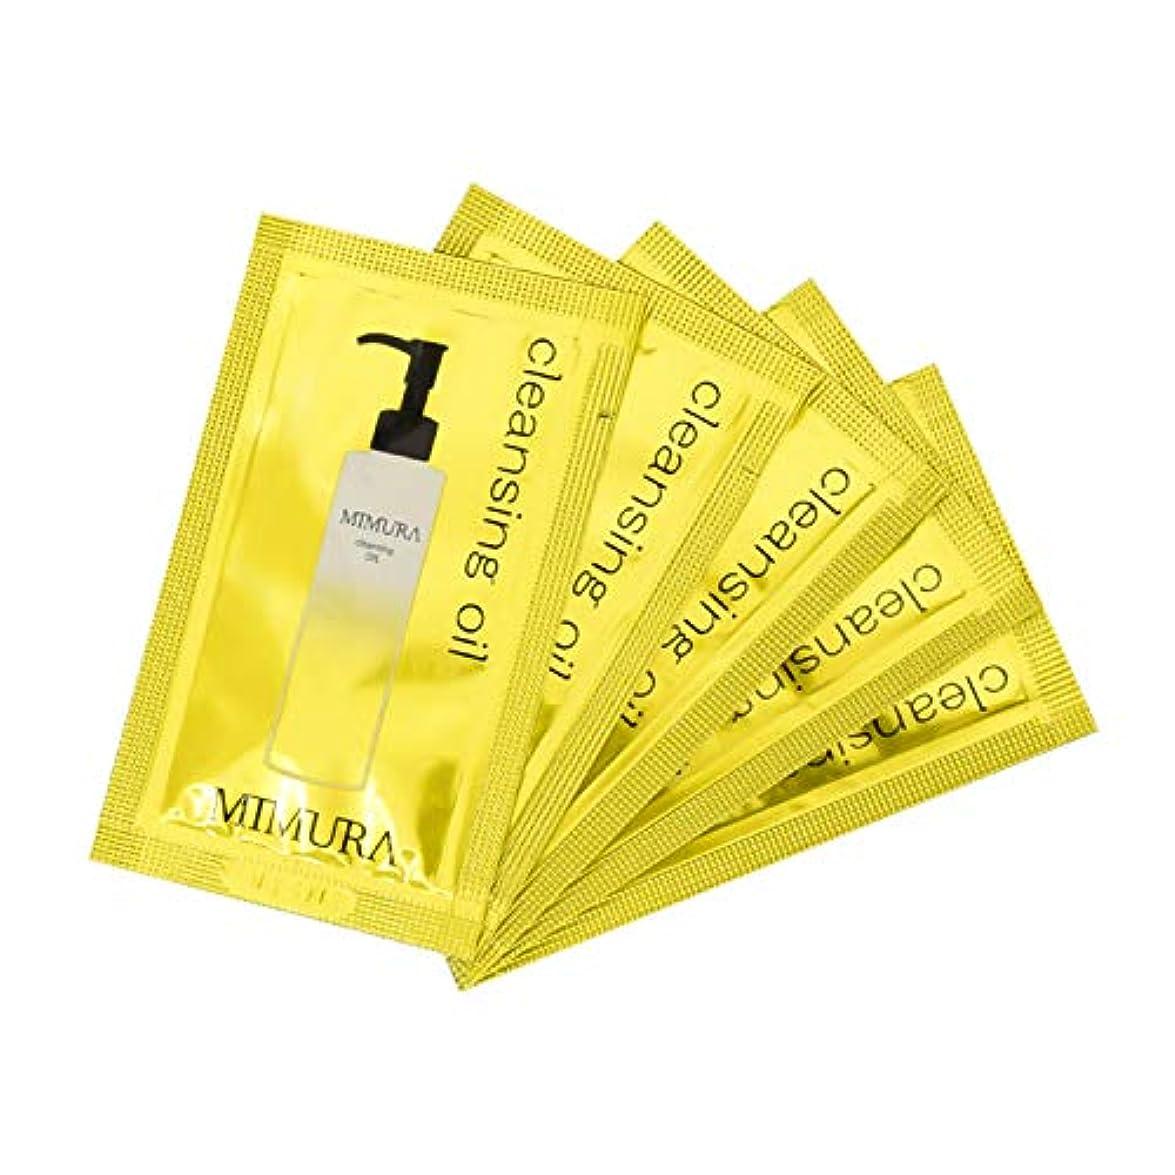 松悪魔ウォルターカニンガムクレンジングオイル マツエク ok w洗顔不要 毛穴 メイク落とし ミムラ 試供品 5個入り ゆうパケット(ポスト投函)での発送となります。 MIMURA 日本製 ※おひとり様1点、1回限りとなります。